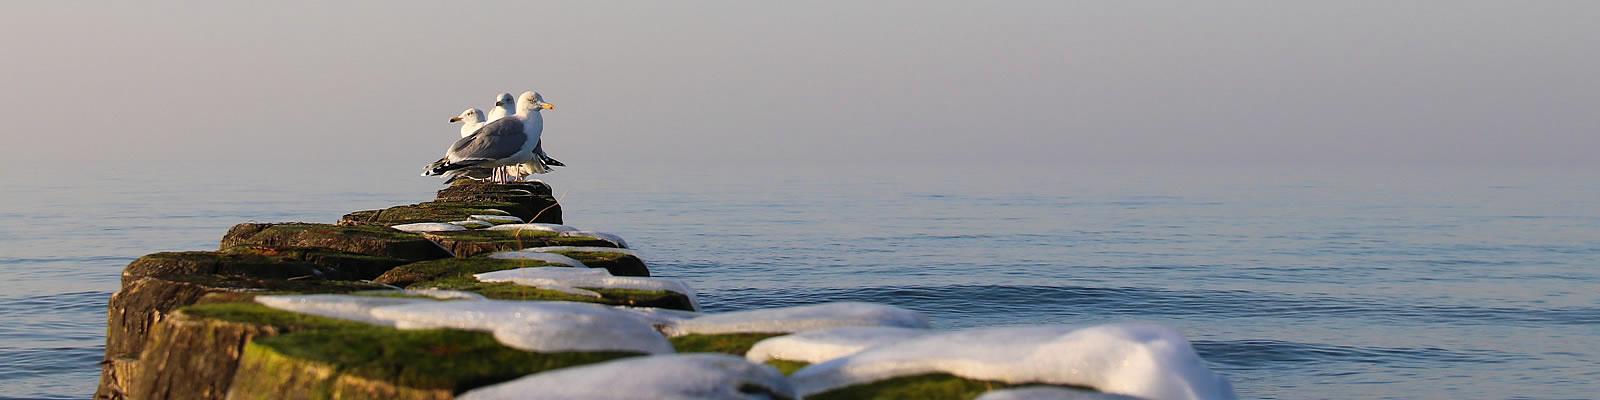 Winterromantik an der Ostsee buchen